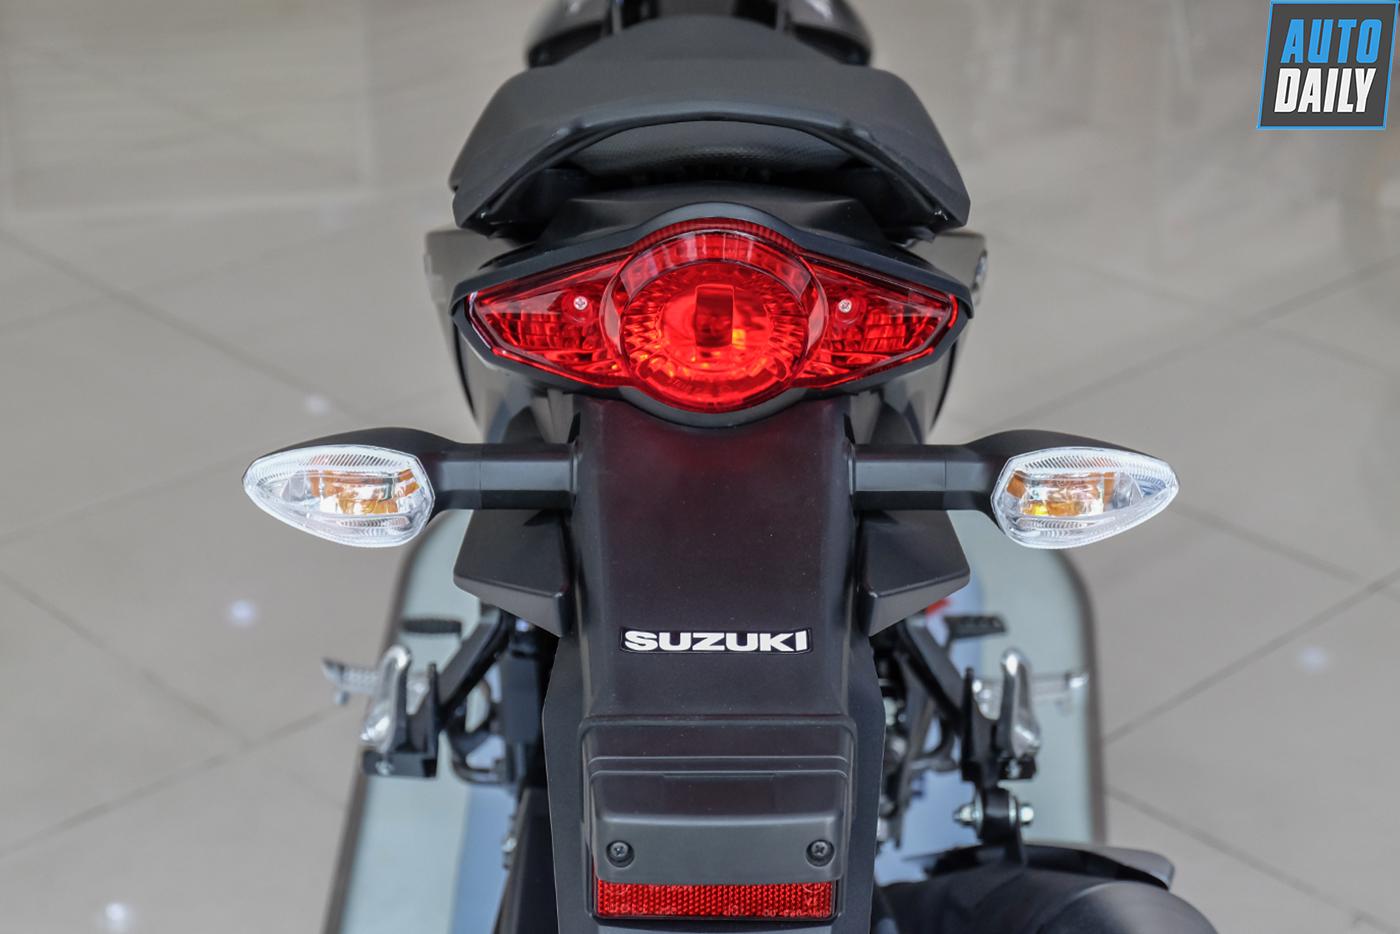 Xem thêm ảnh Suzuki Satria F150 nhập chính hãng